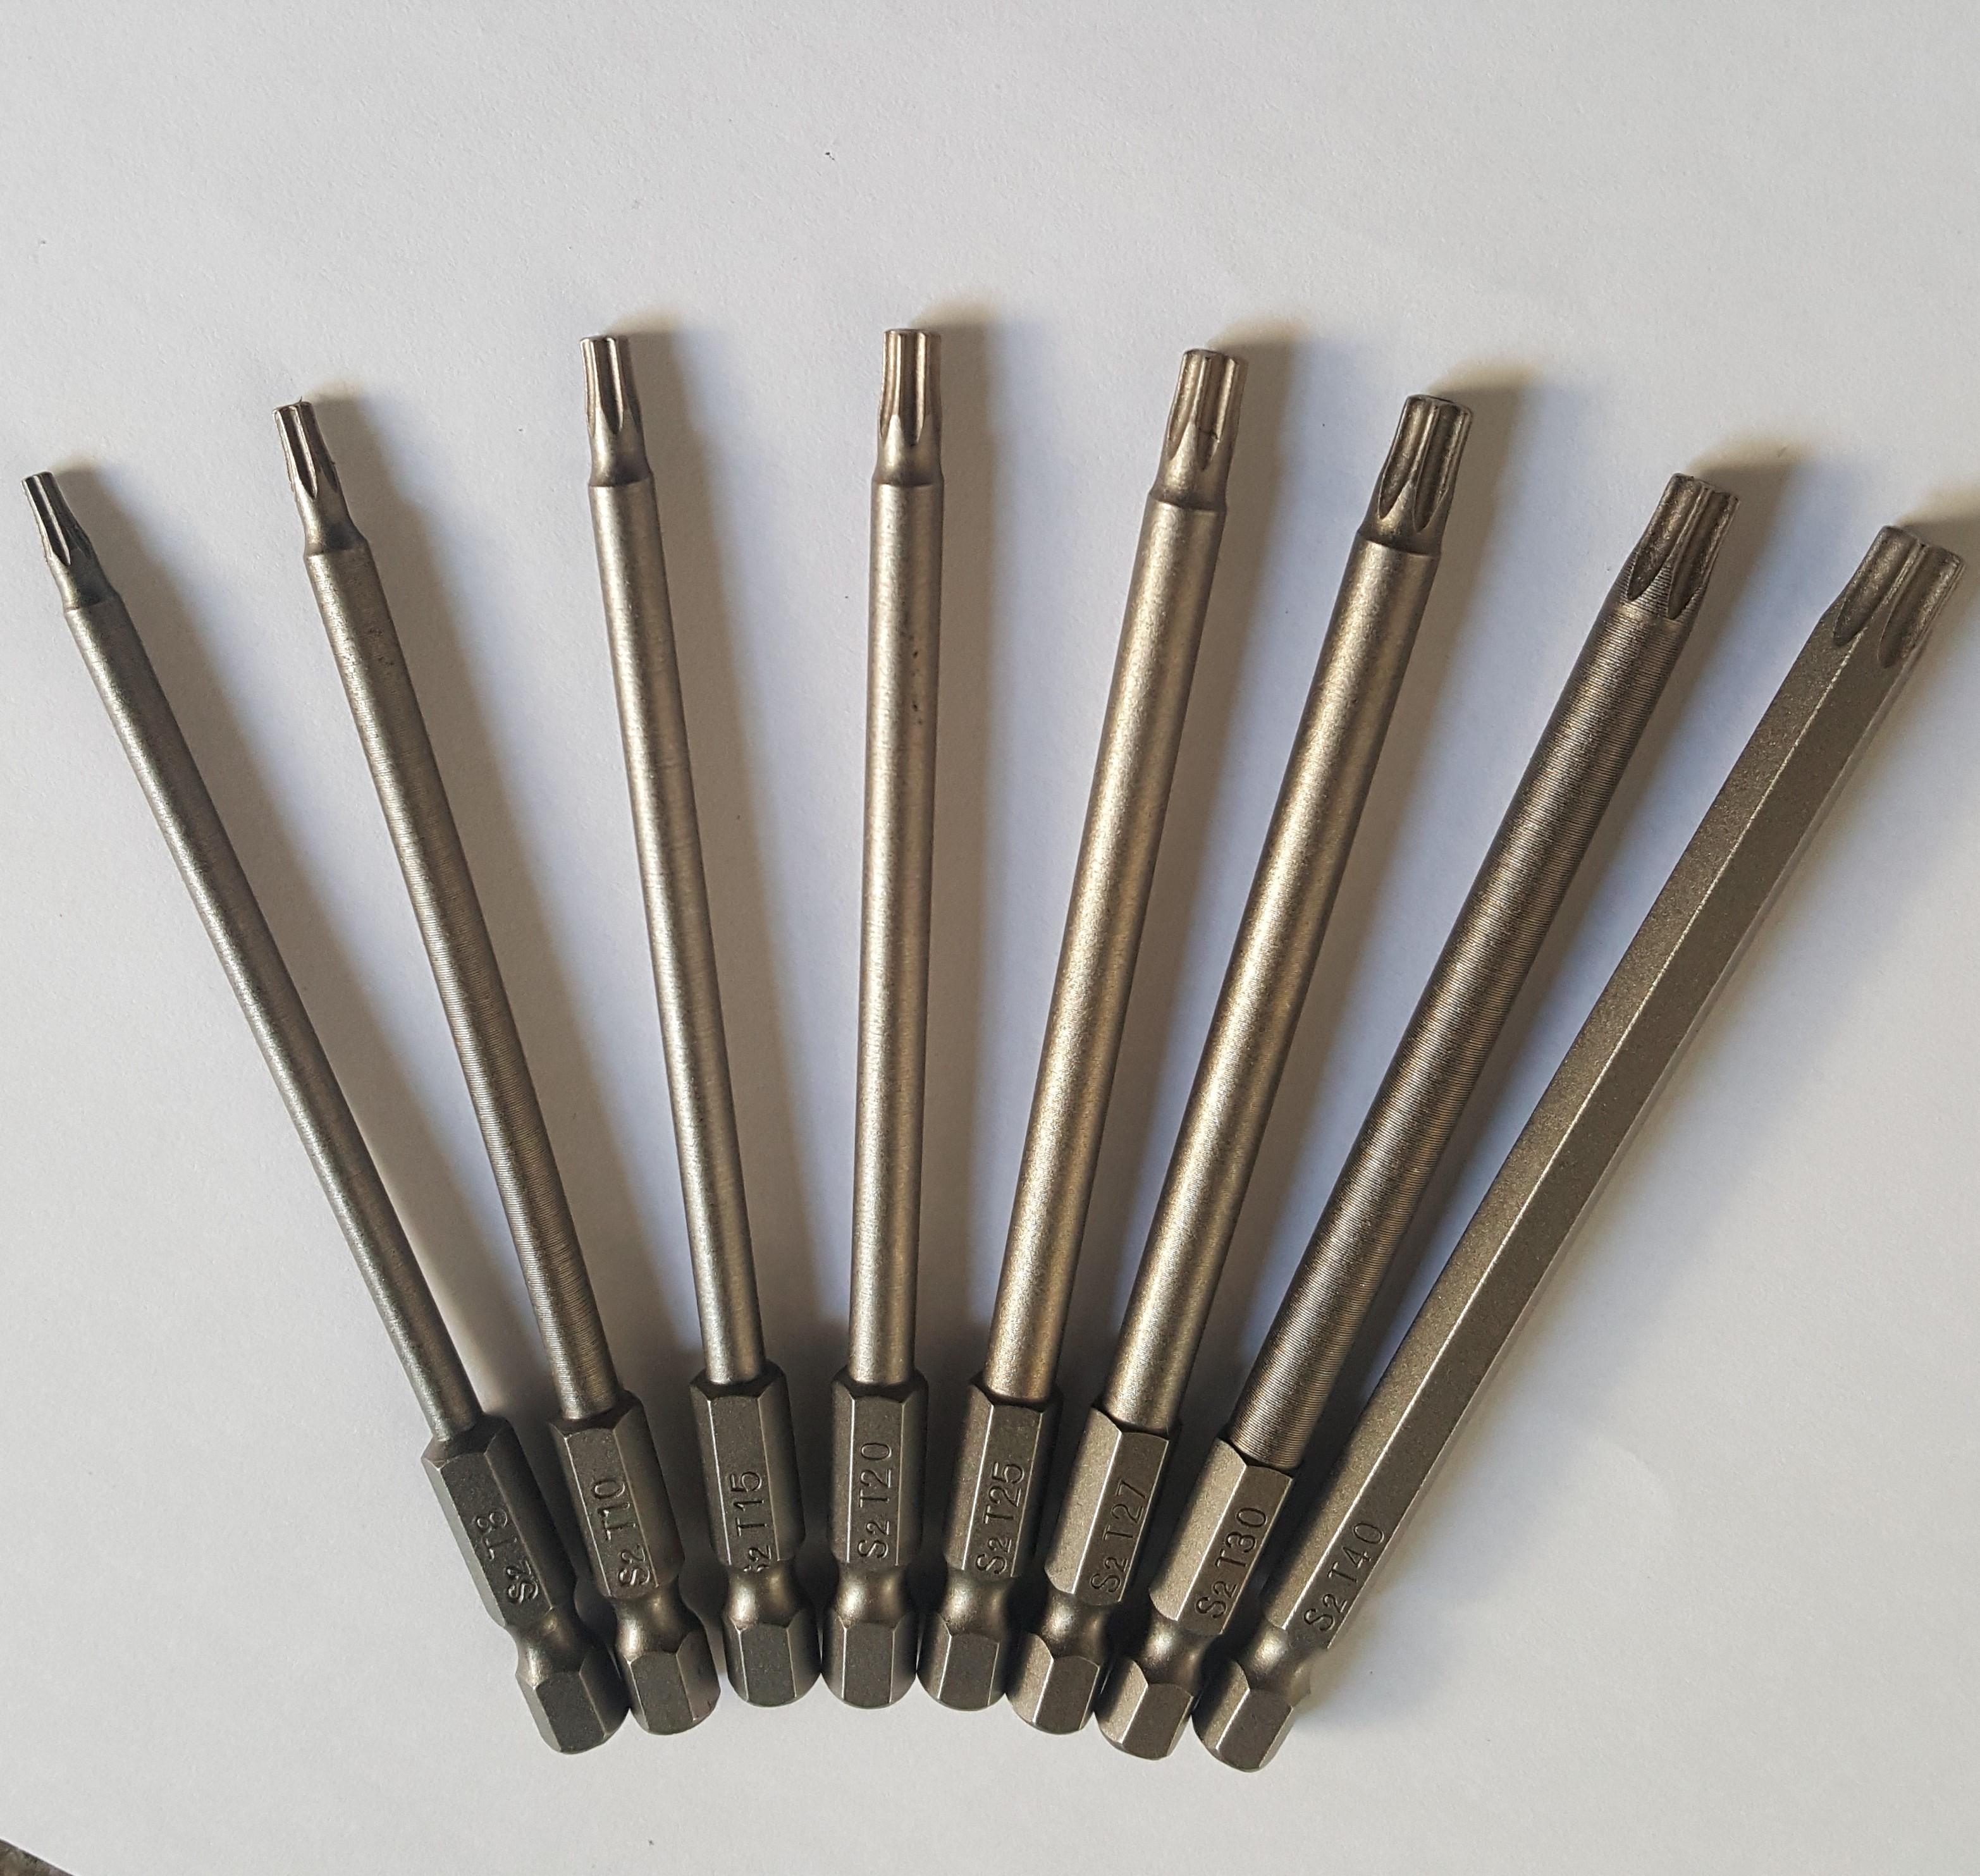 Bộ 8 đầu vít hình sao 100mm có nam châm cho máy bắn vít - máy khoan